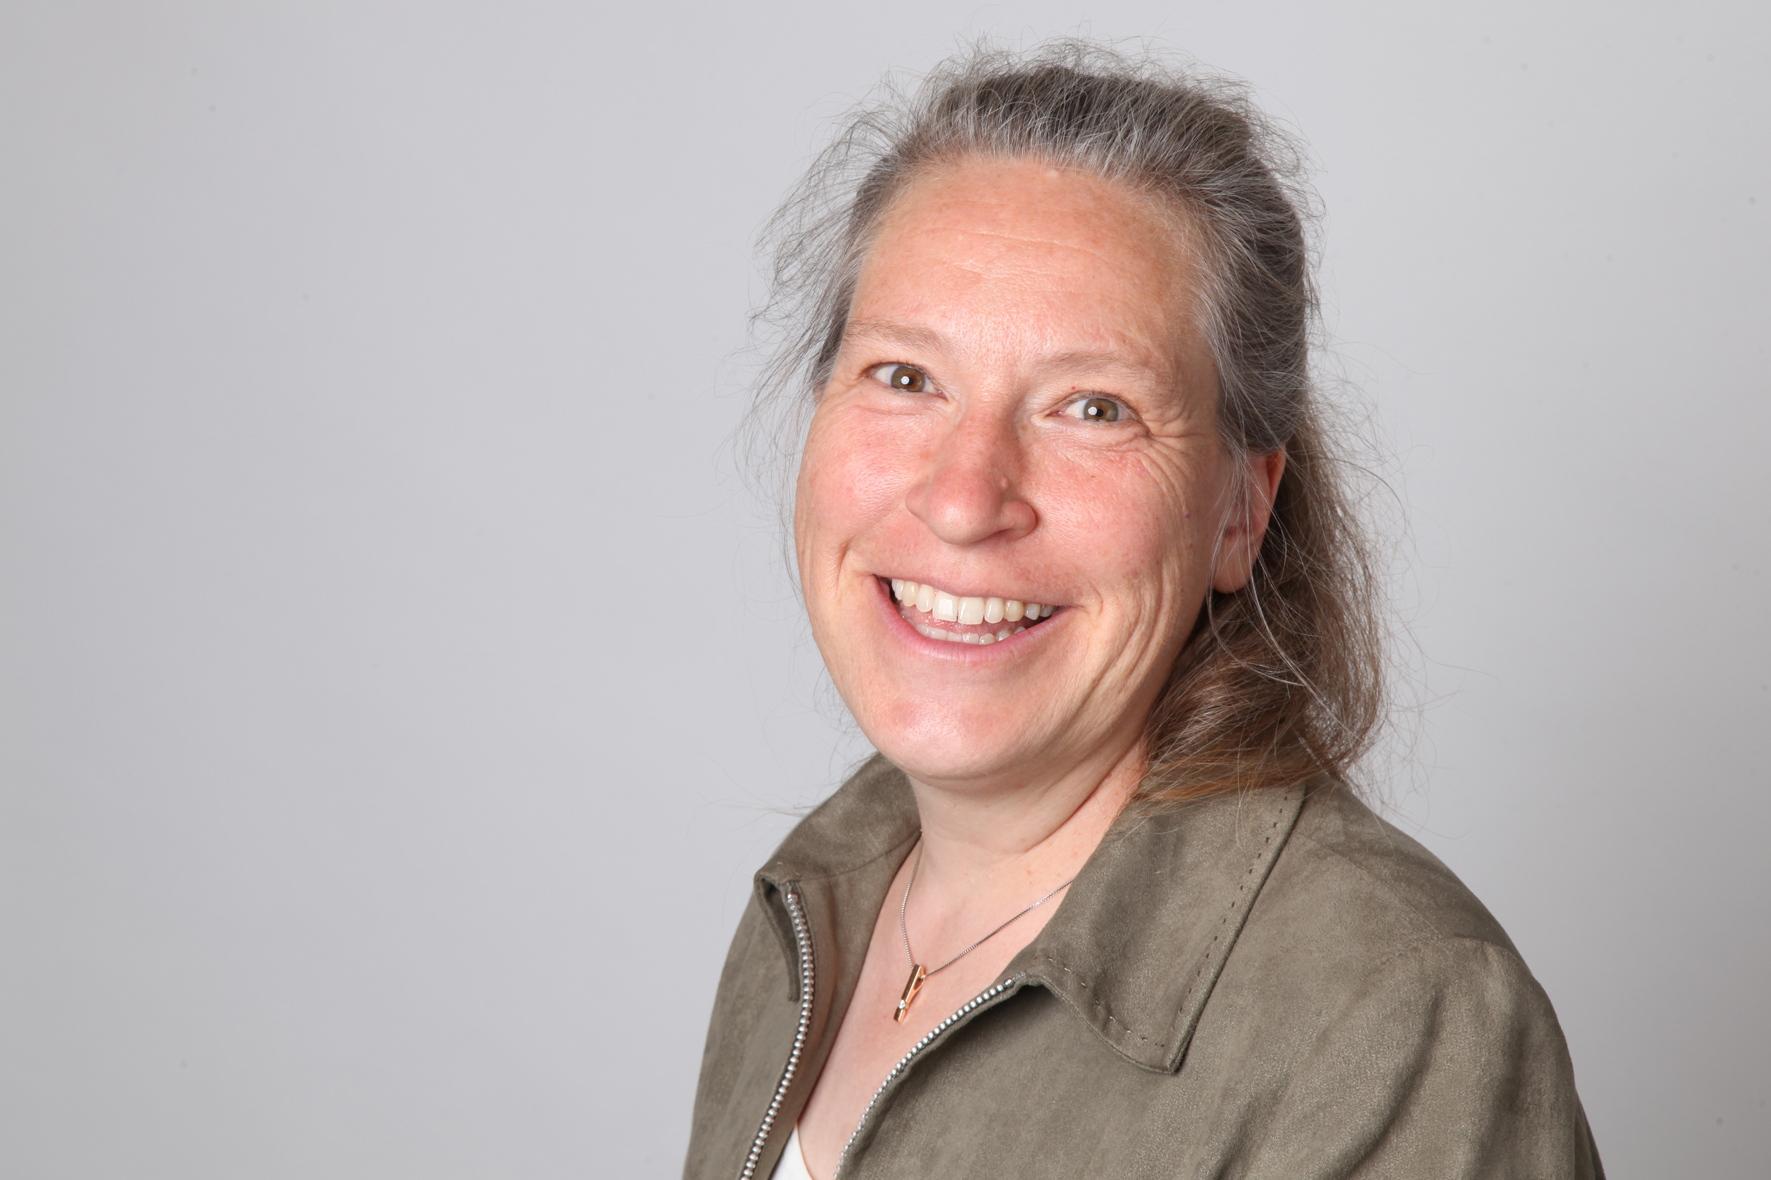 Margrit-R. Meier, PhD